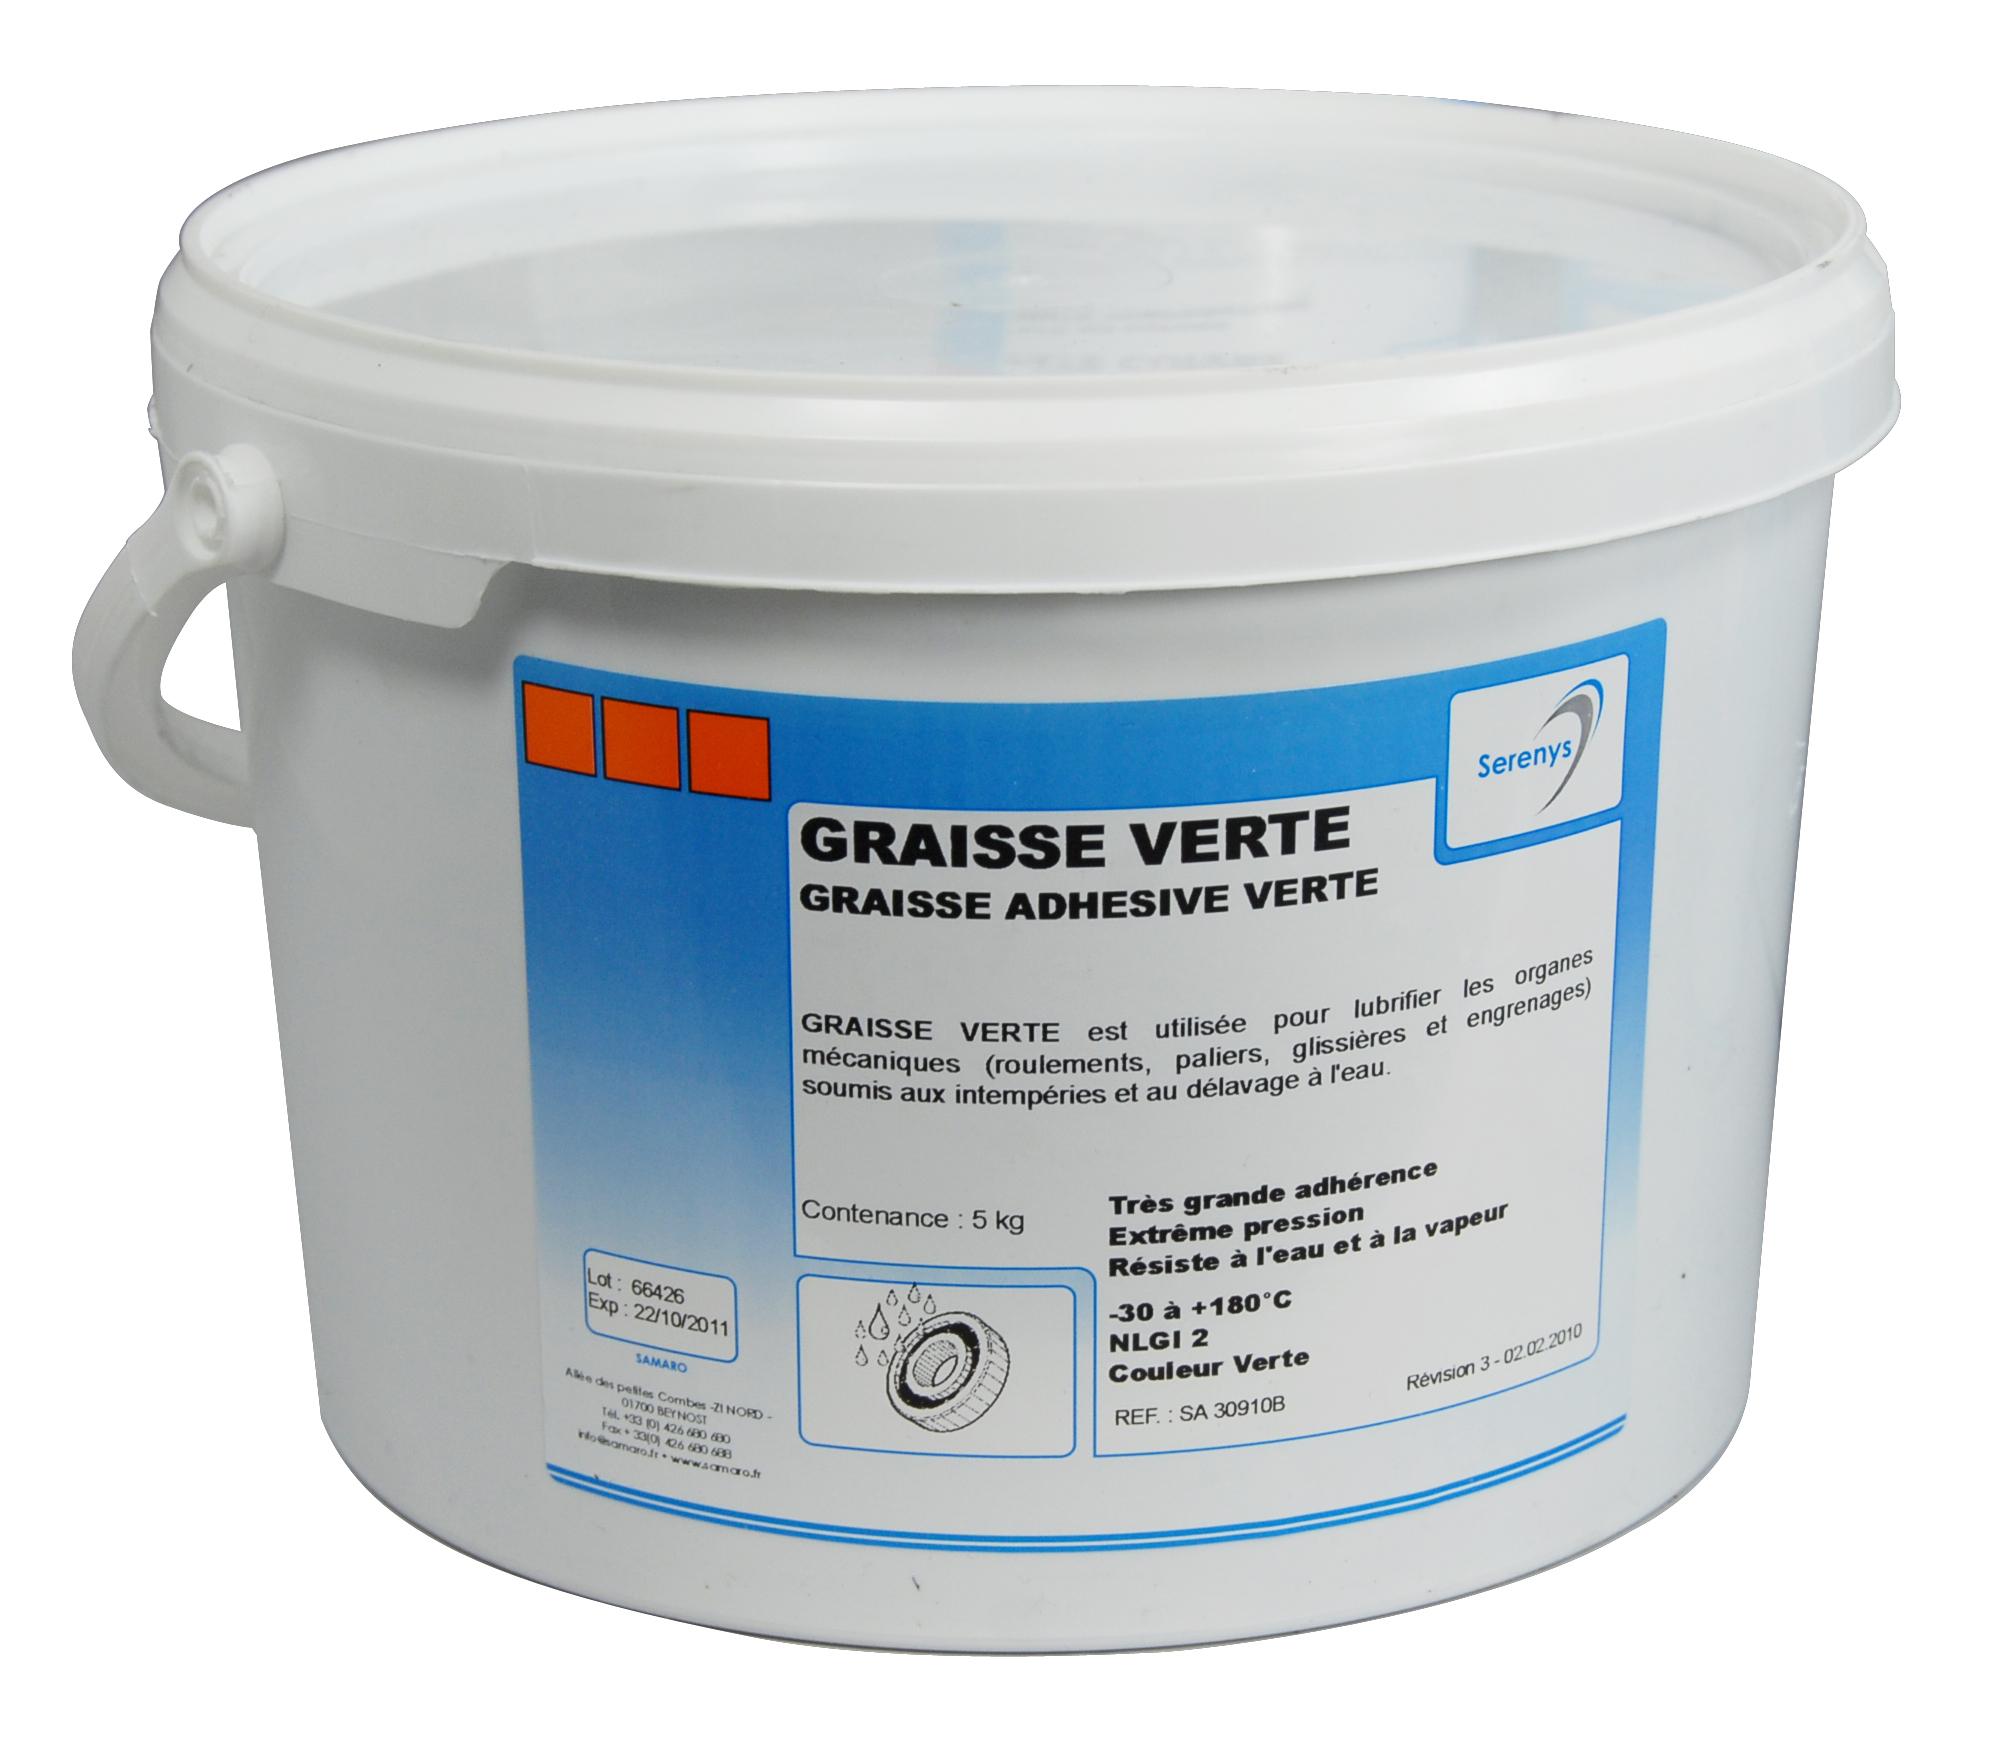 graisse_verte_5kg